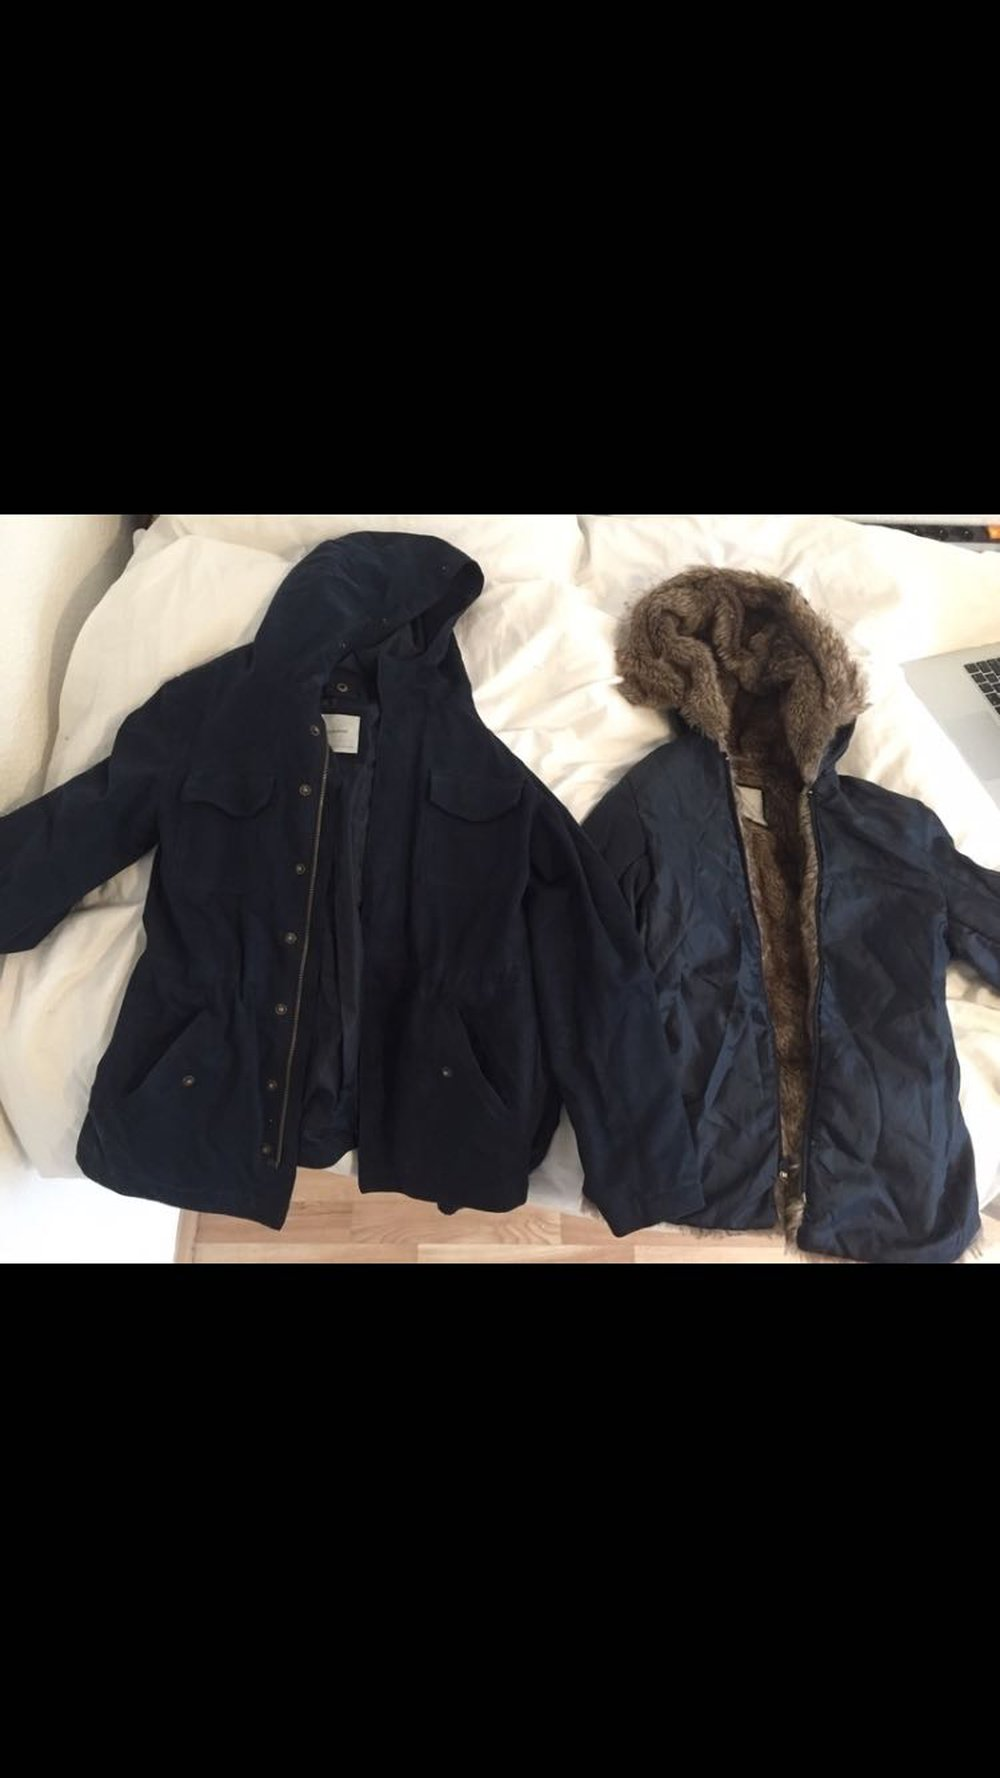 4ce96ce16a63c9 subdued - Subdued winterjacke Jacke Mantel mit Fell gefüttert ...